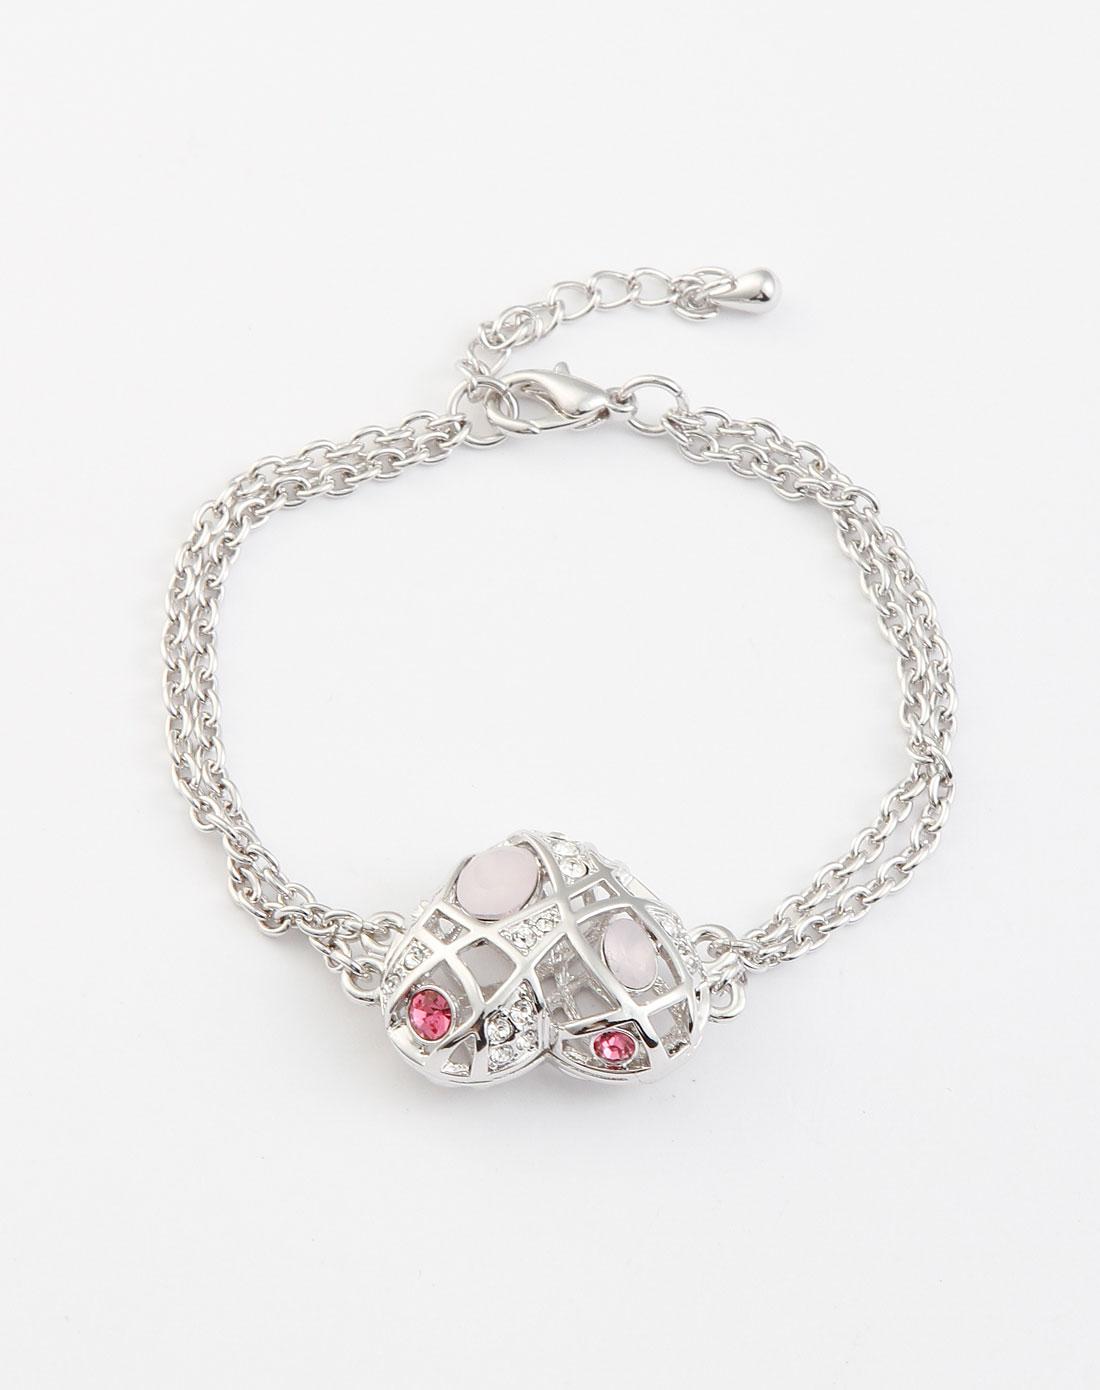 银白/粉色镂空心形手链